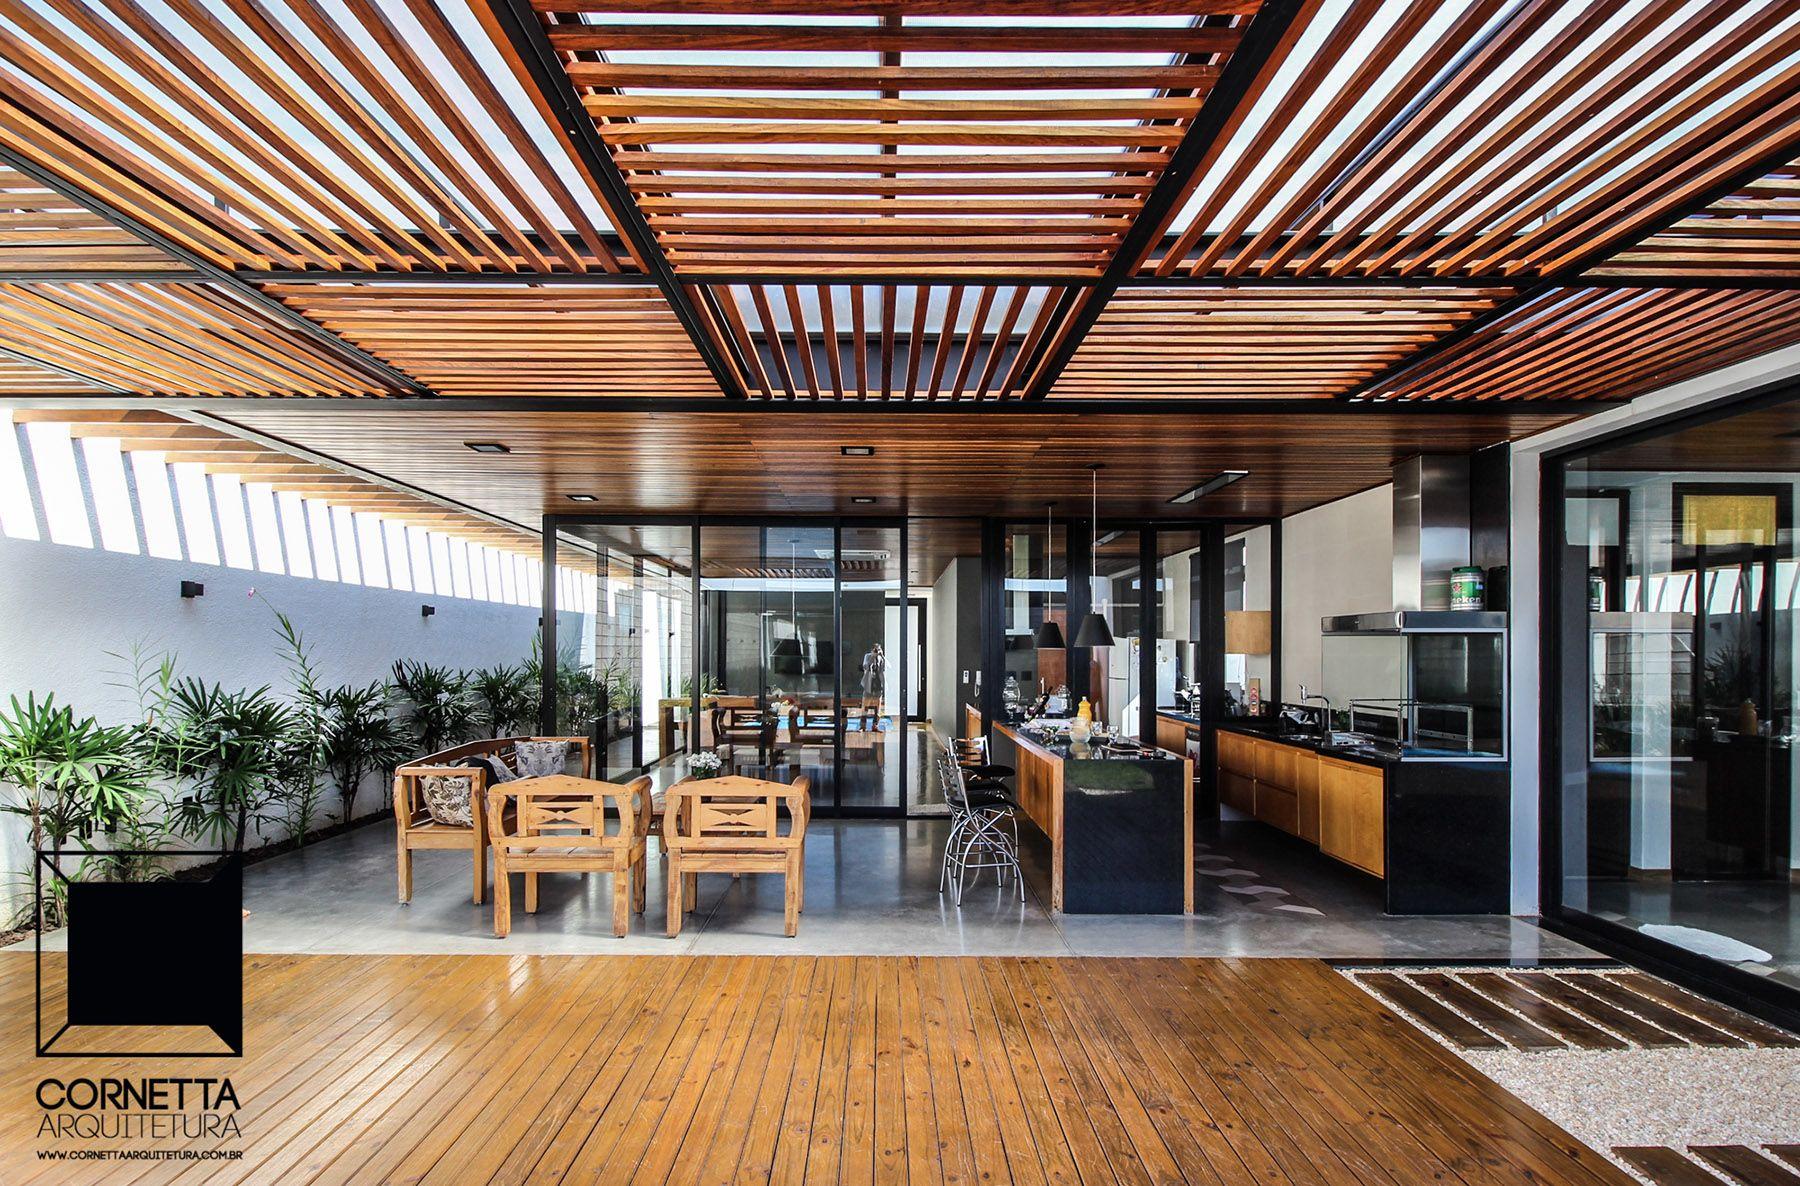 Casa ats decor home ideas varanda gourmet casa - Estanterias metalicas para casa ...